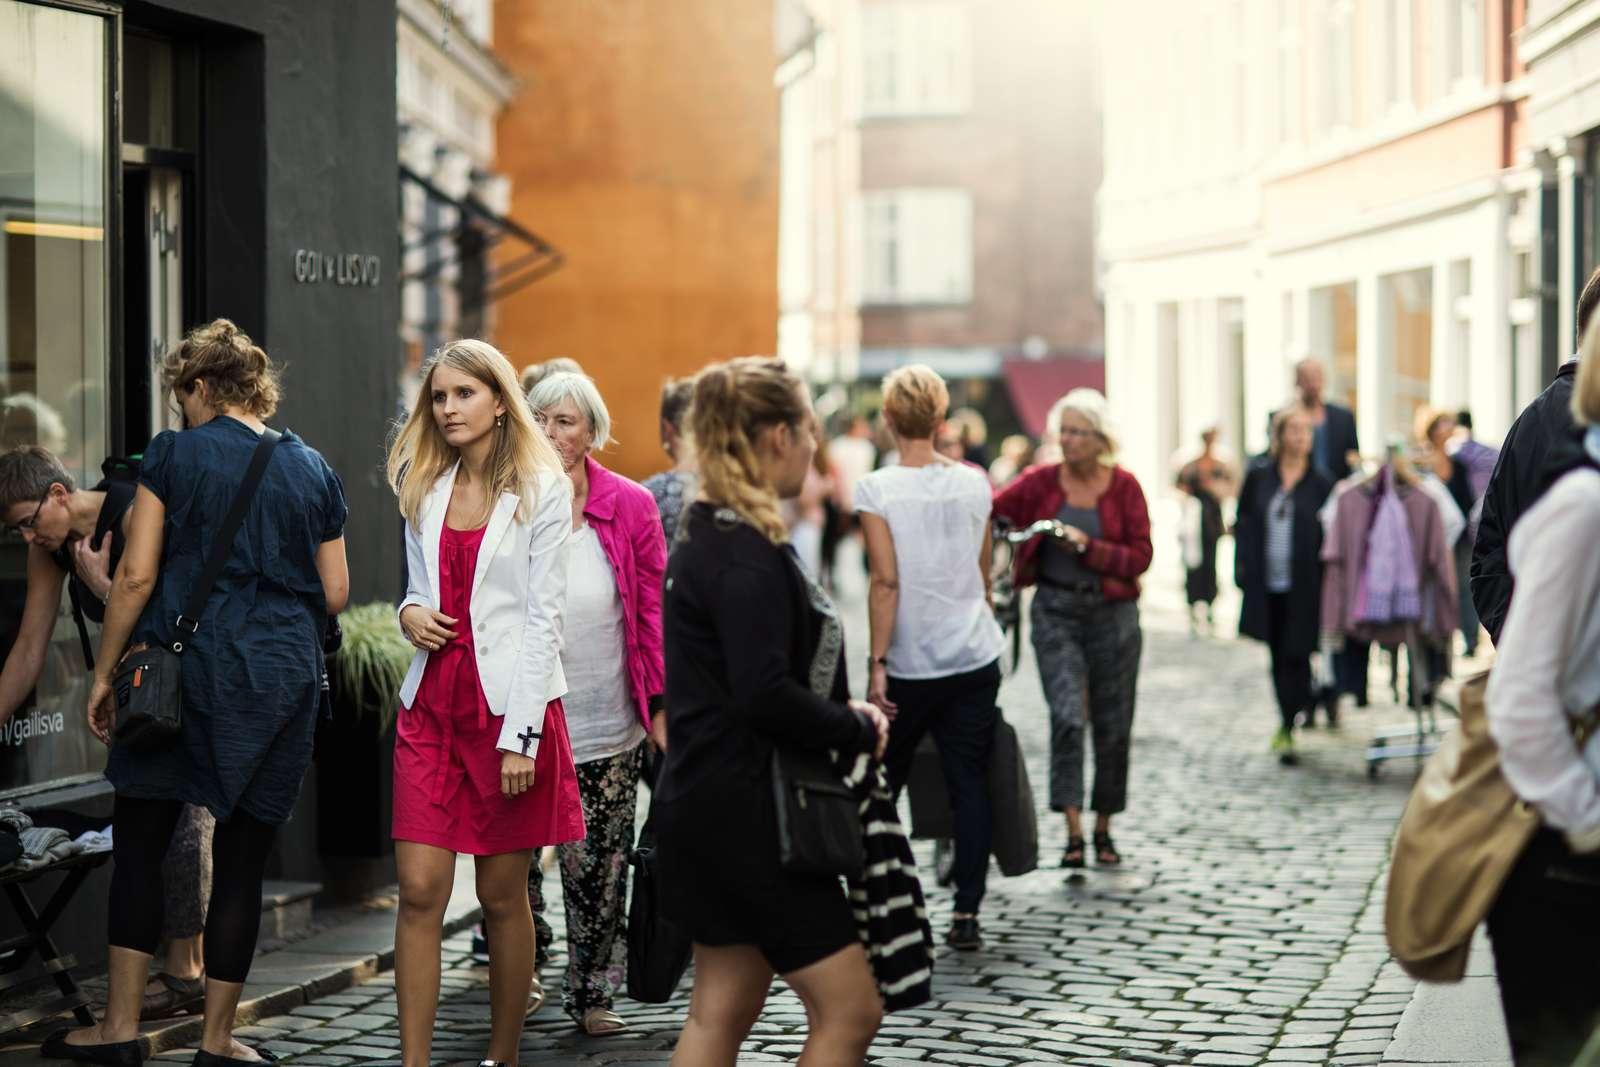 Danmark er verdens mest sikre rejselande for 2020, siger opgørelse fra det amerikanske rejsesikkerhedsfirma International SOS. Her er der fred og ro i latinerkvarteret i Aarhus. Arkivfoto: Visit Aarhus.